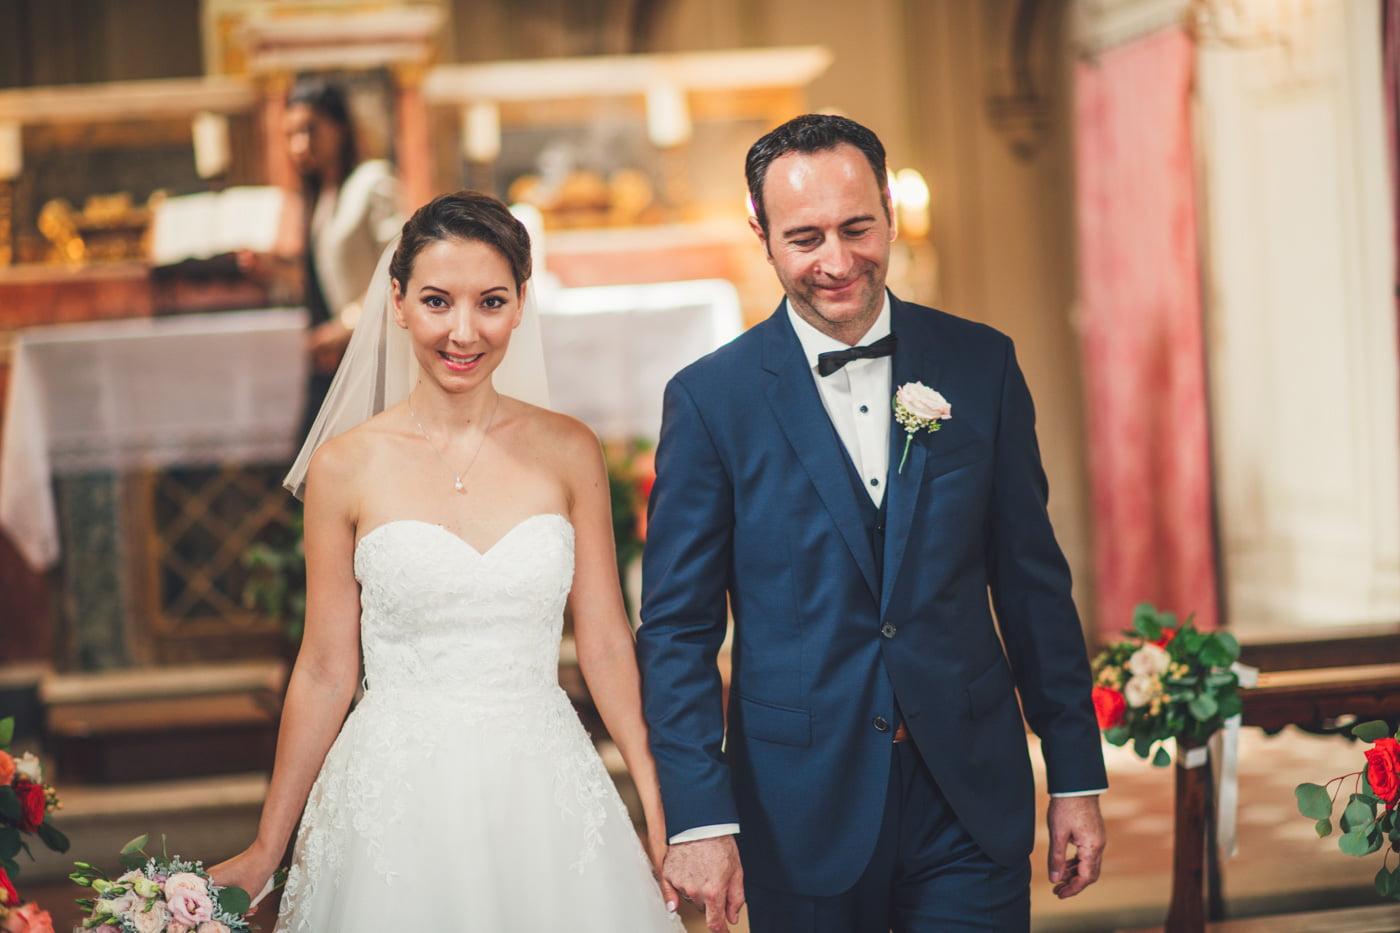 015-wedding-tuscany-rignana